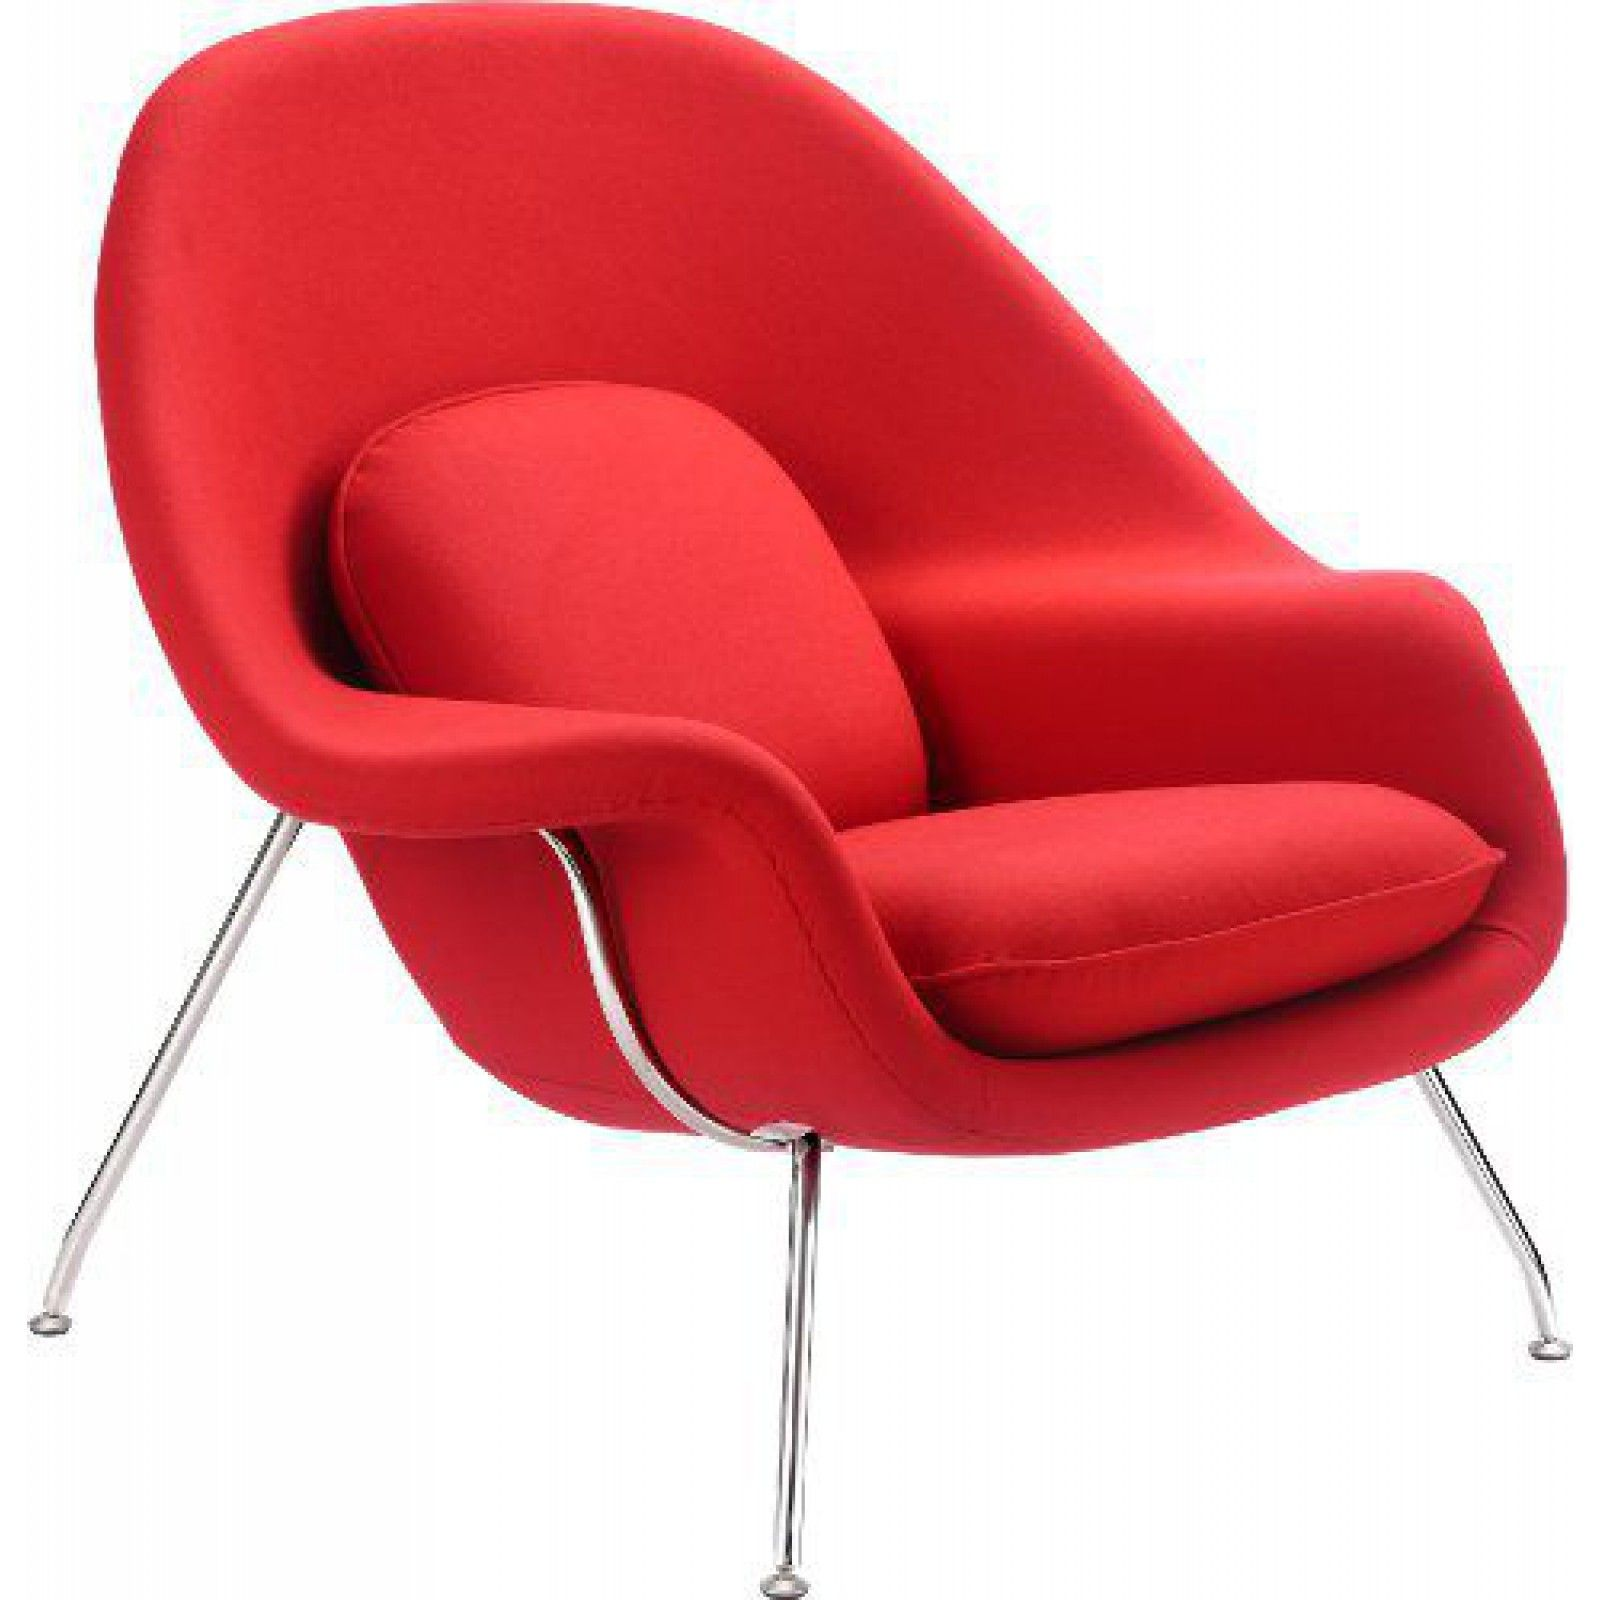 Eeeo Saarinen s Womb Chair Replica in red cashmere WombChair